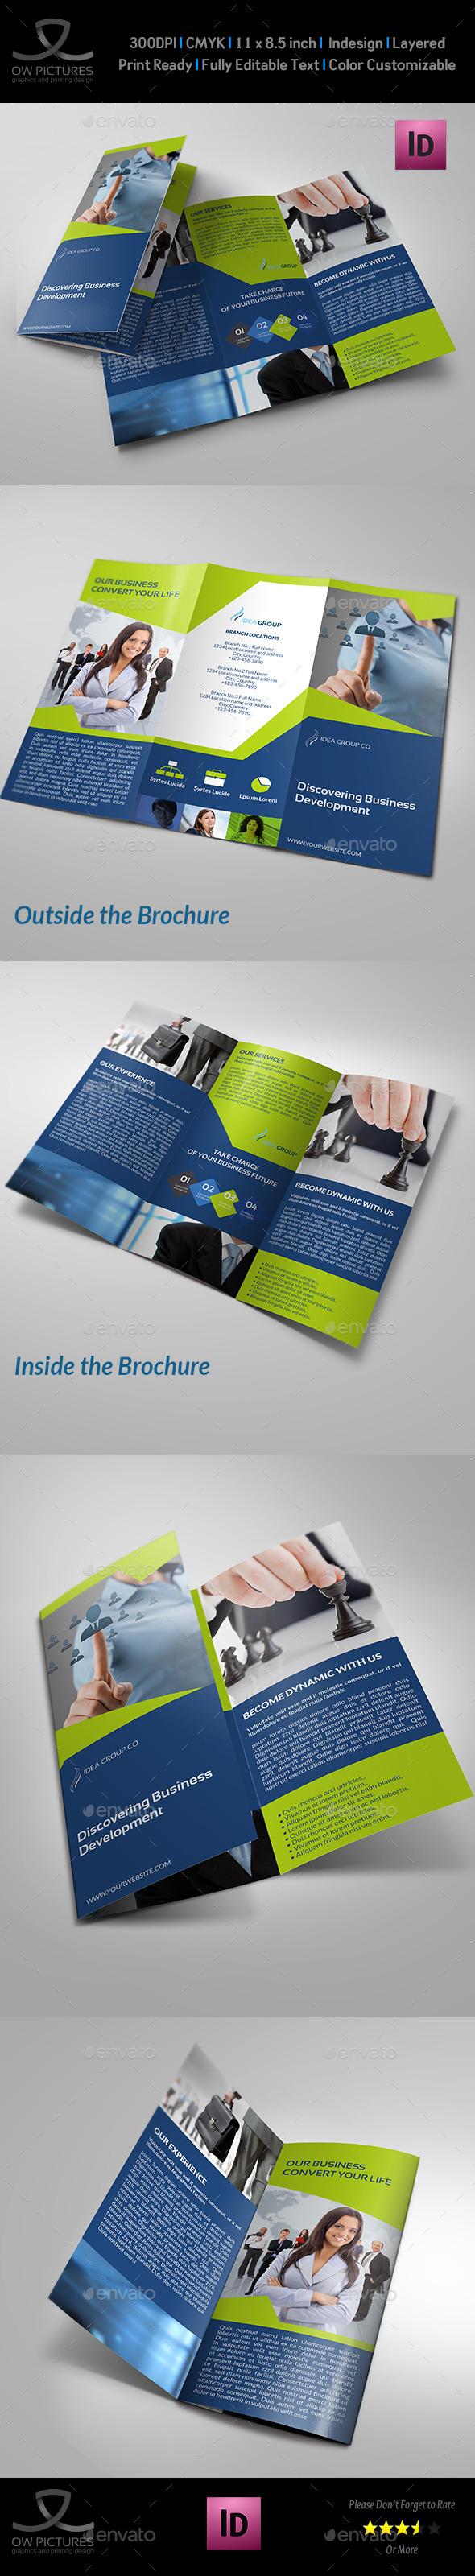 GraphicRiver Company Brochure Tri-Fold Brochure Vol.20 11195604